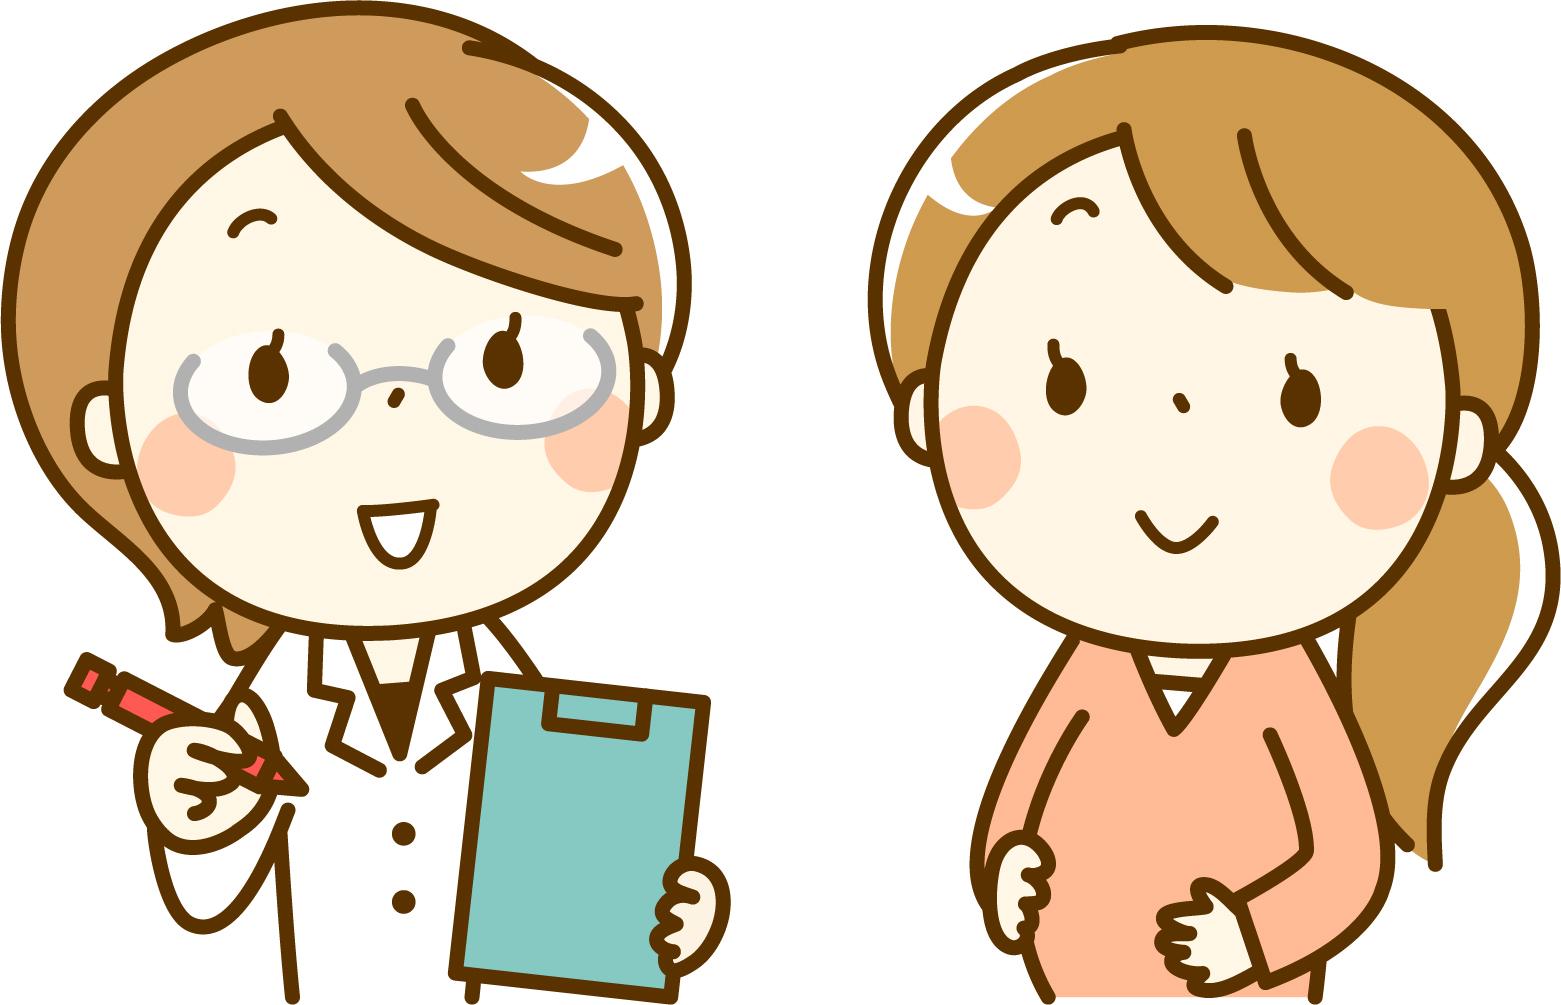 糖負荷試験で妊娠糖尿病が判明。原因は遺伝の可能性が高い